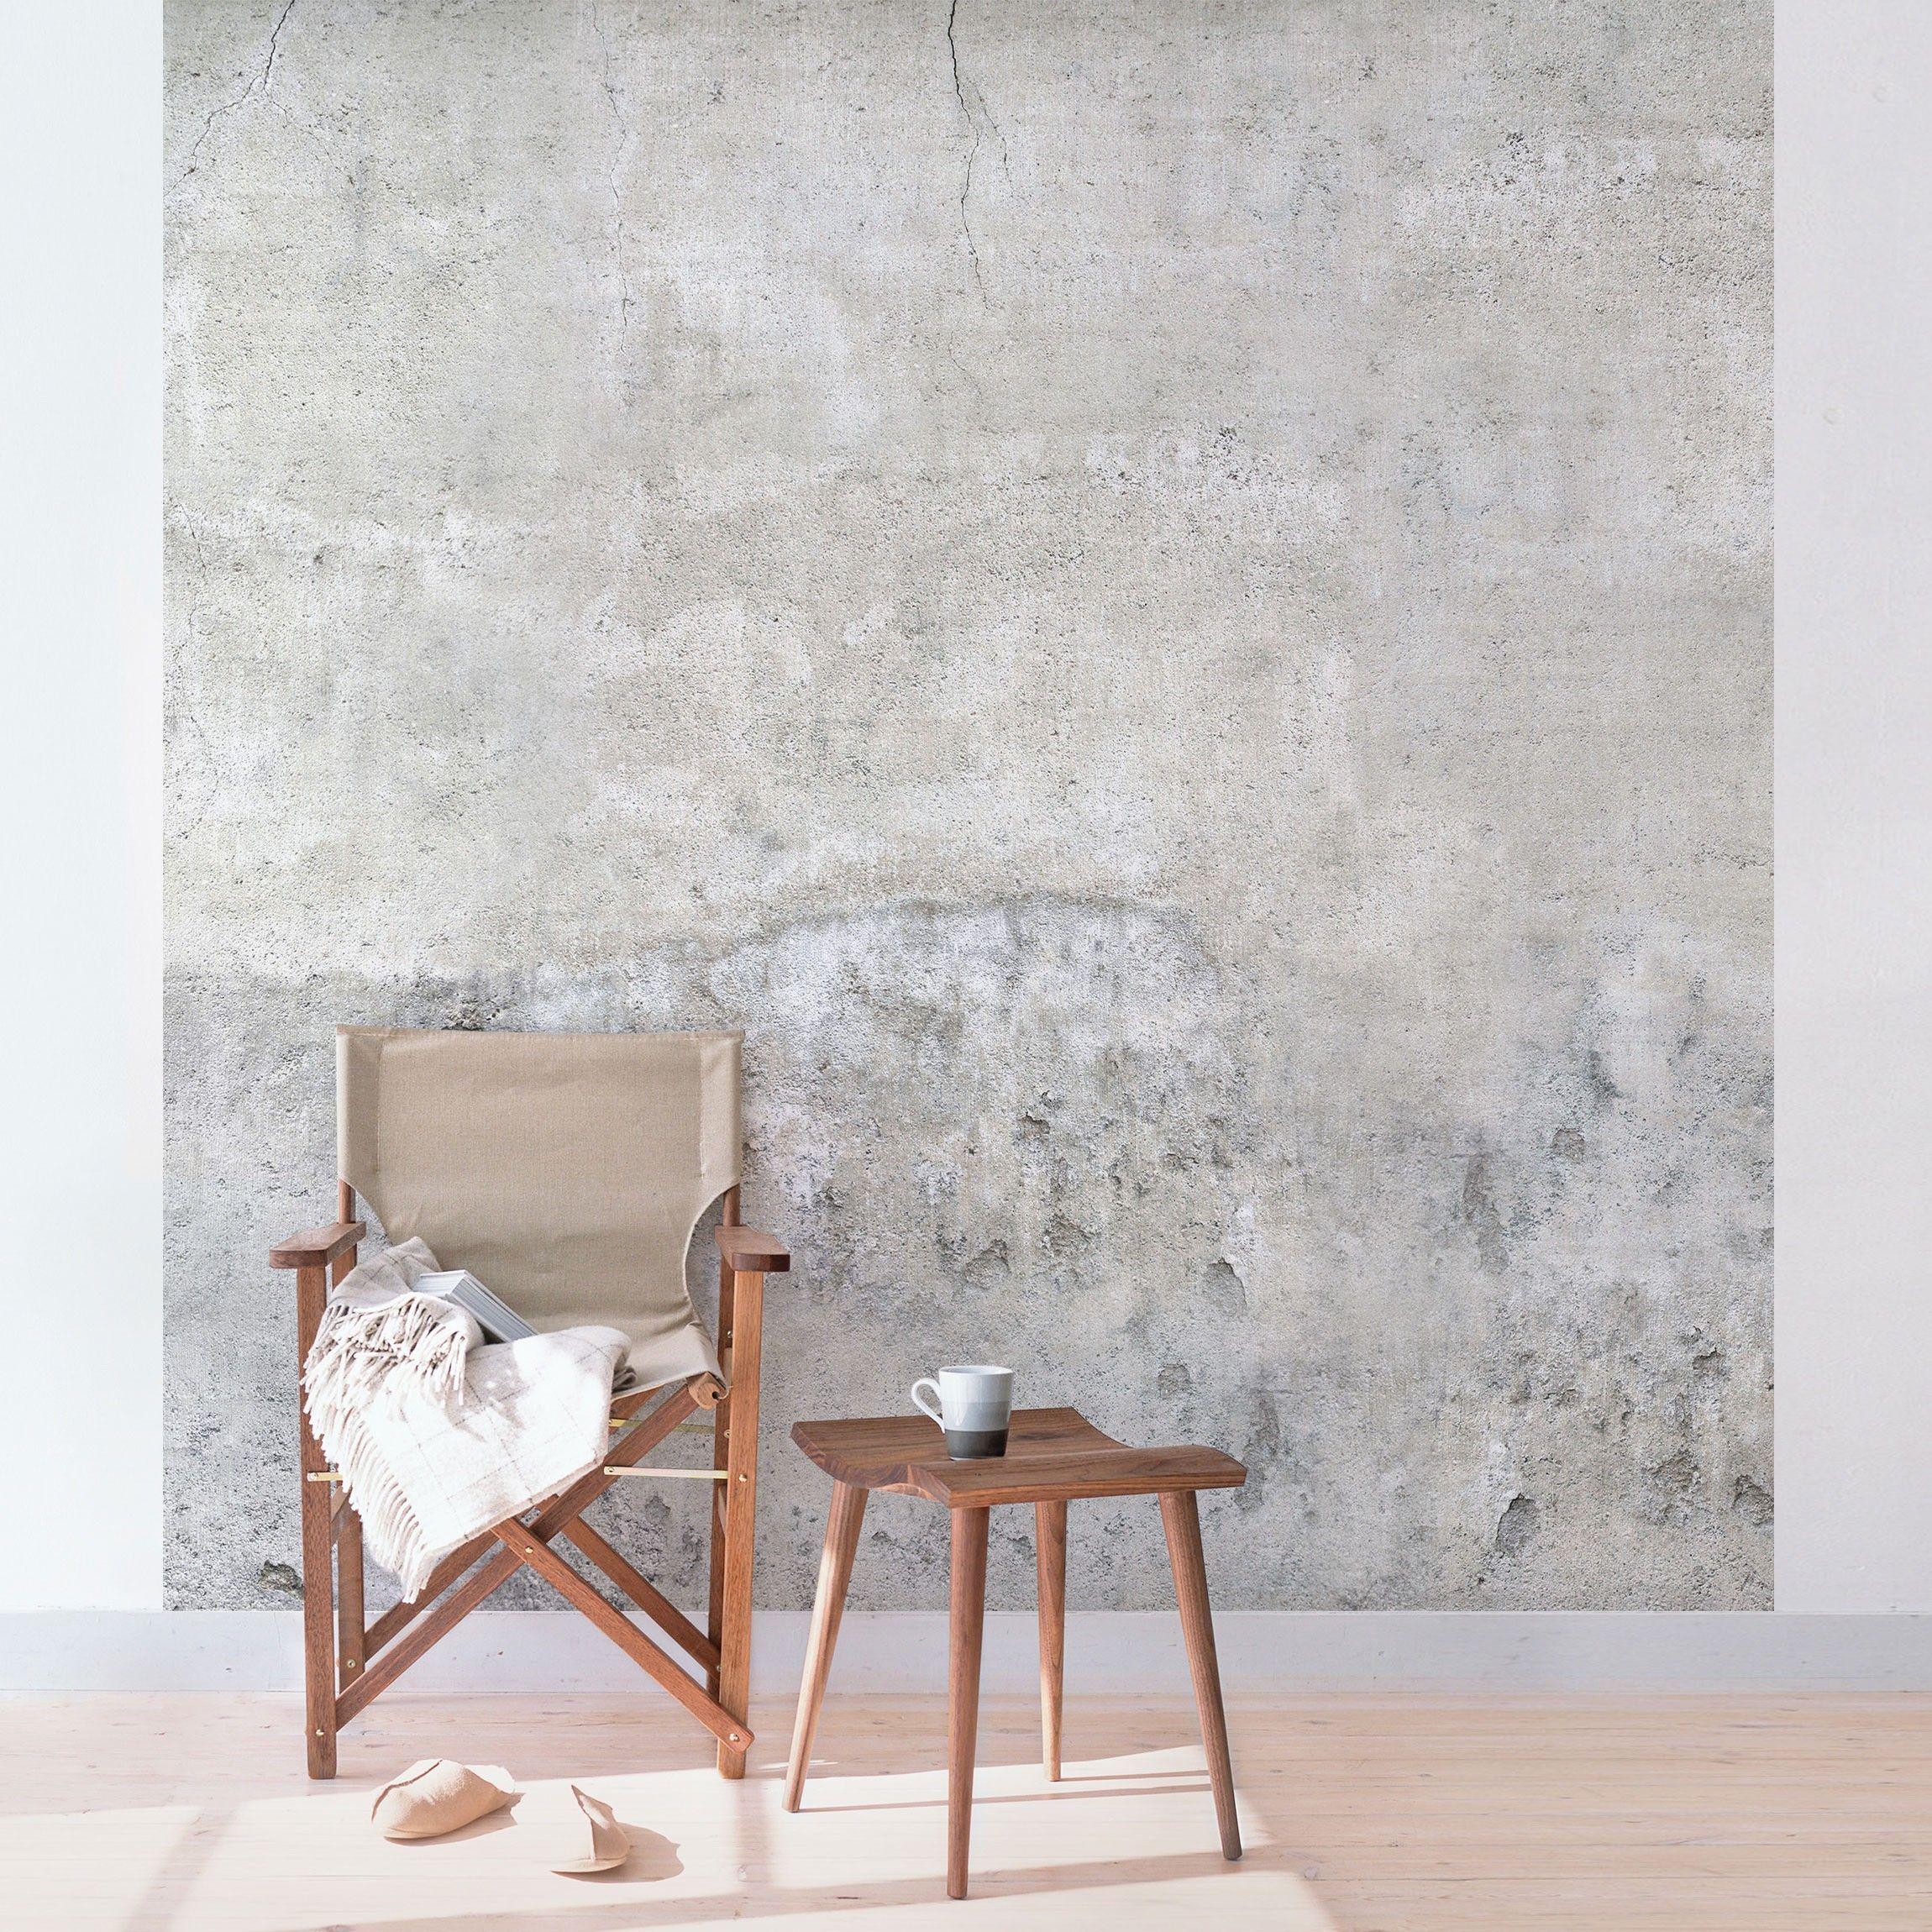 Extrem Tapete Shabby Wand | Große Antike Wand Spiegel Wand Spiegel Ideen YB34